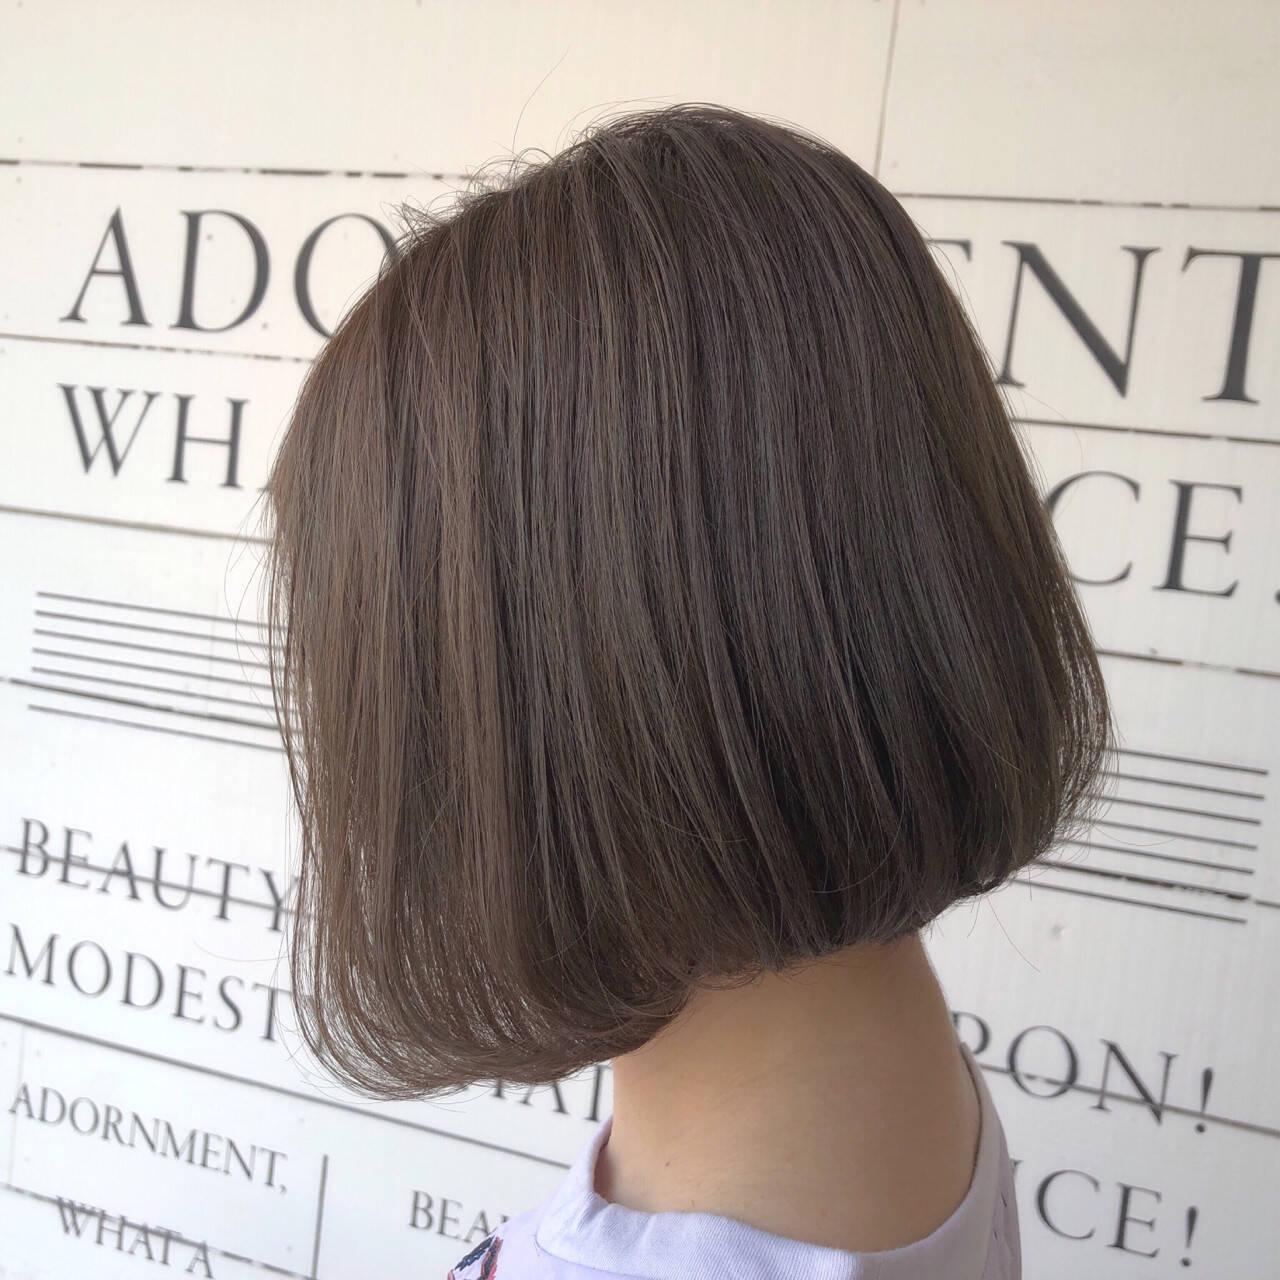 ハイライト ナチュラル アウトドア ヘアアレンジヘアスタイルや髪型の写真・画像